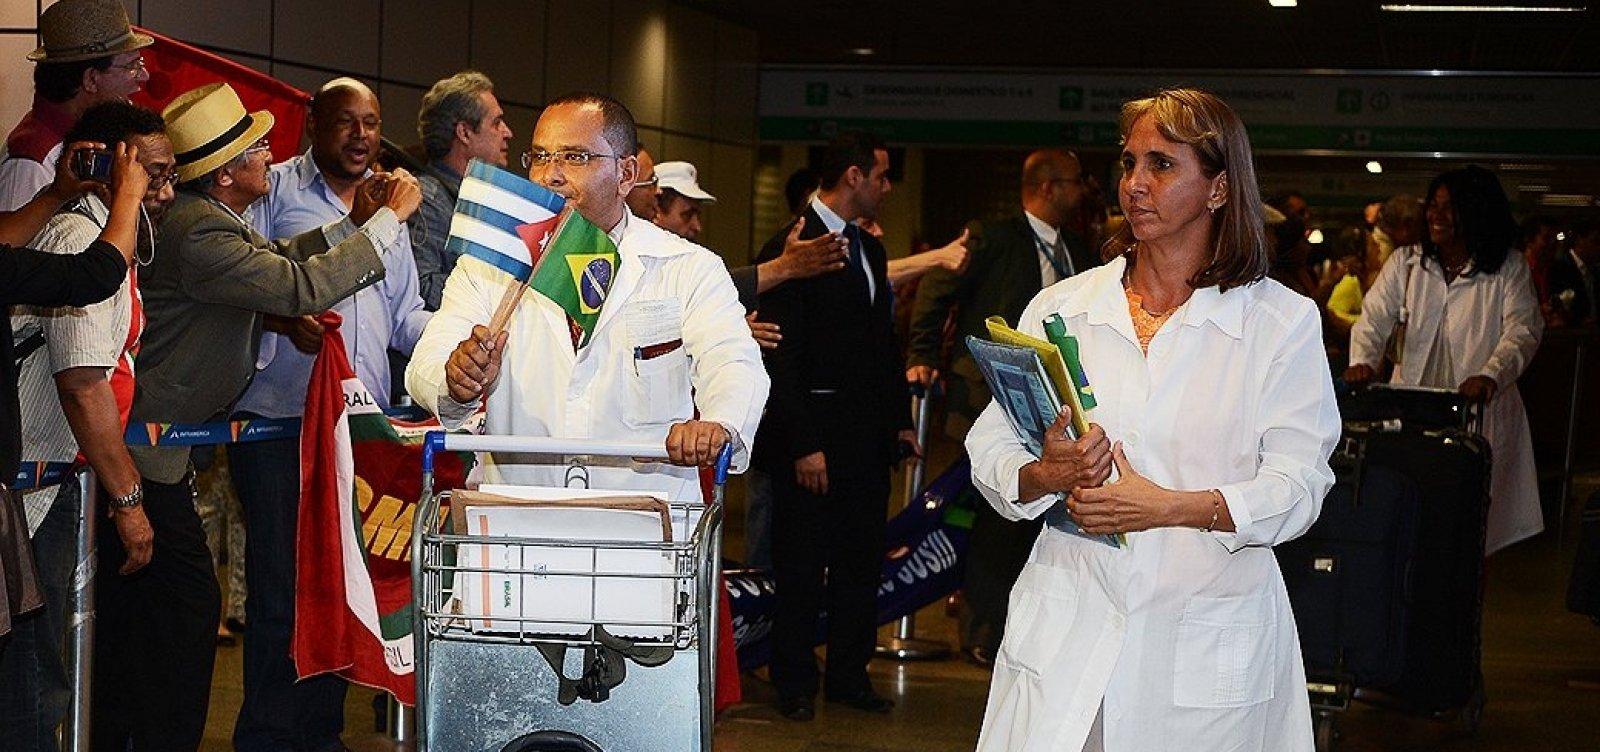 [Médicos cubanos começam a deixar o Brasil em até dez dias, diz Embaixada]